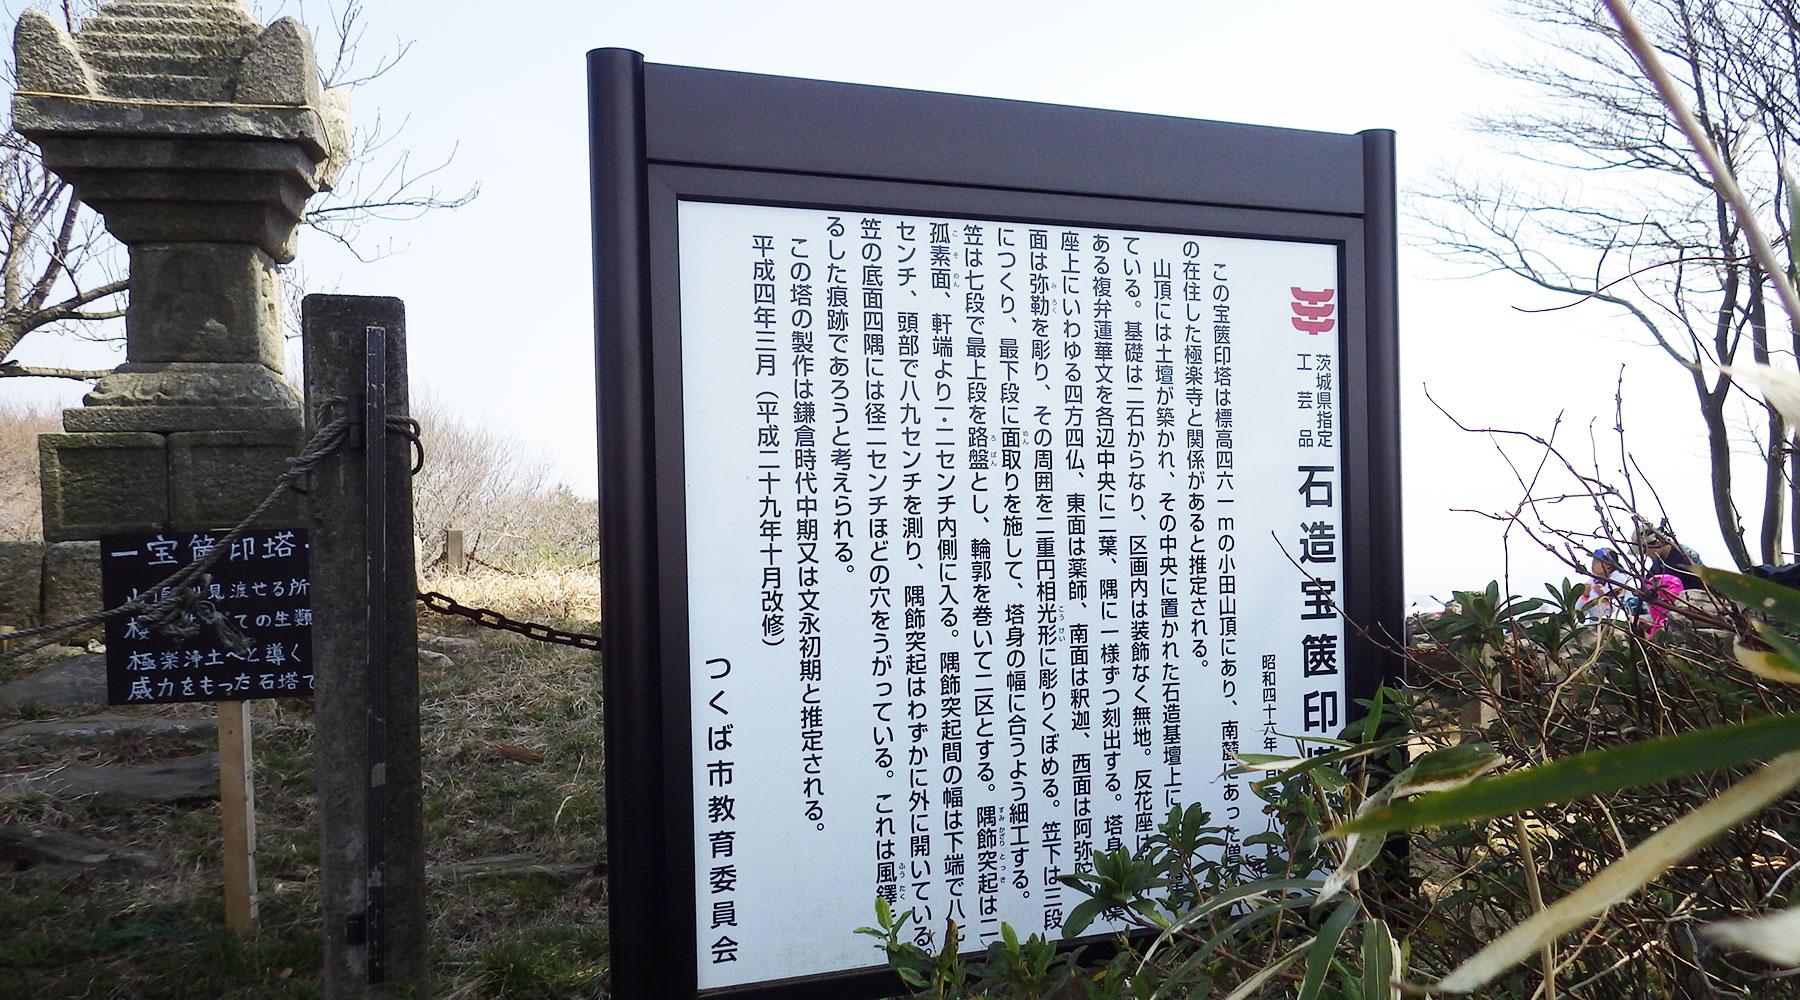 宝篋山山頂の宝篋院塔・解説文